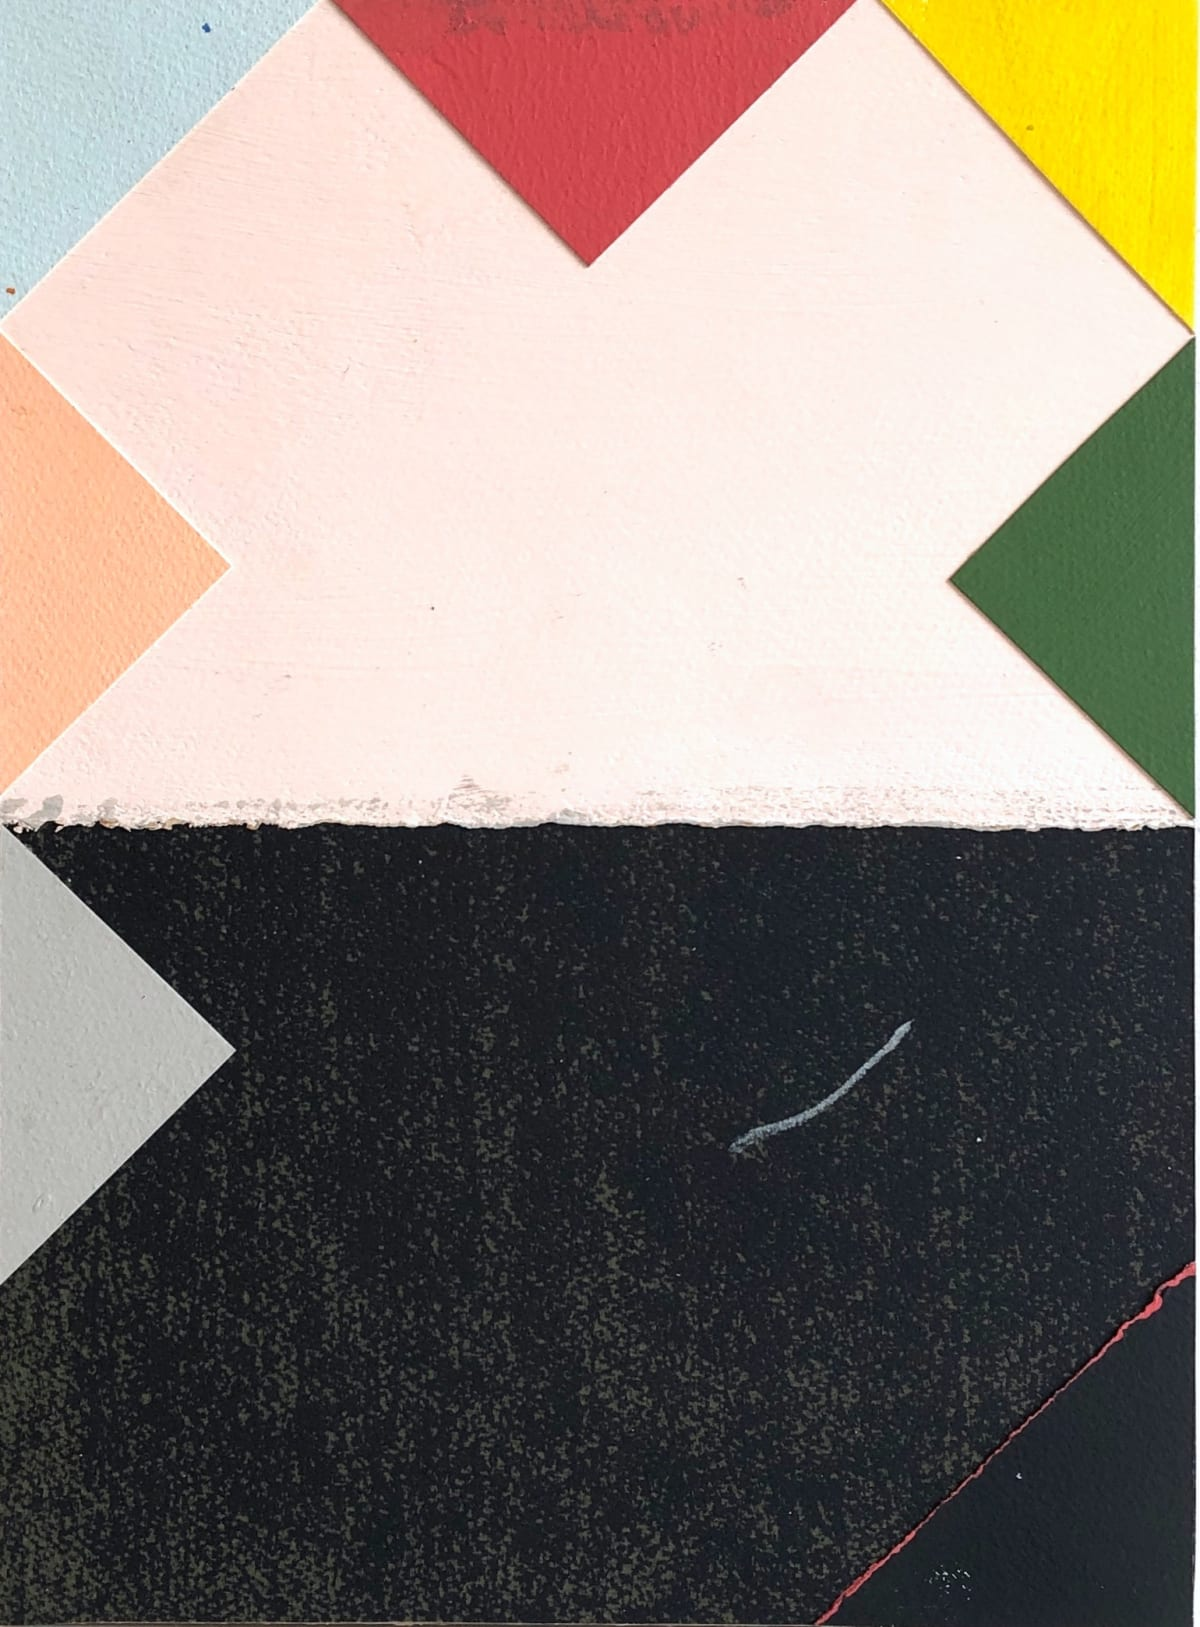 Jo Hummel, Four Four Rhythm, 2019